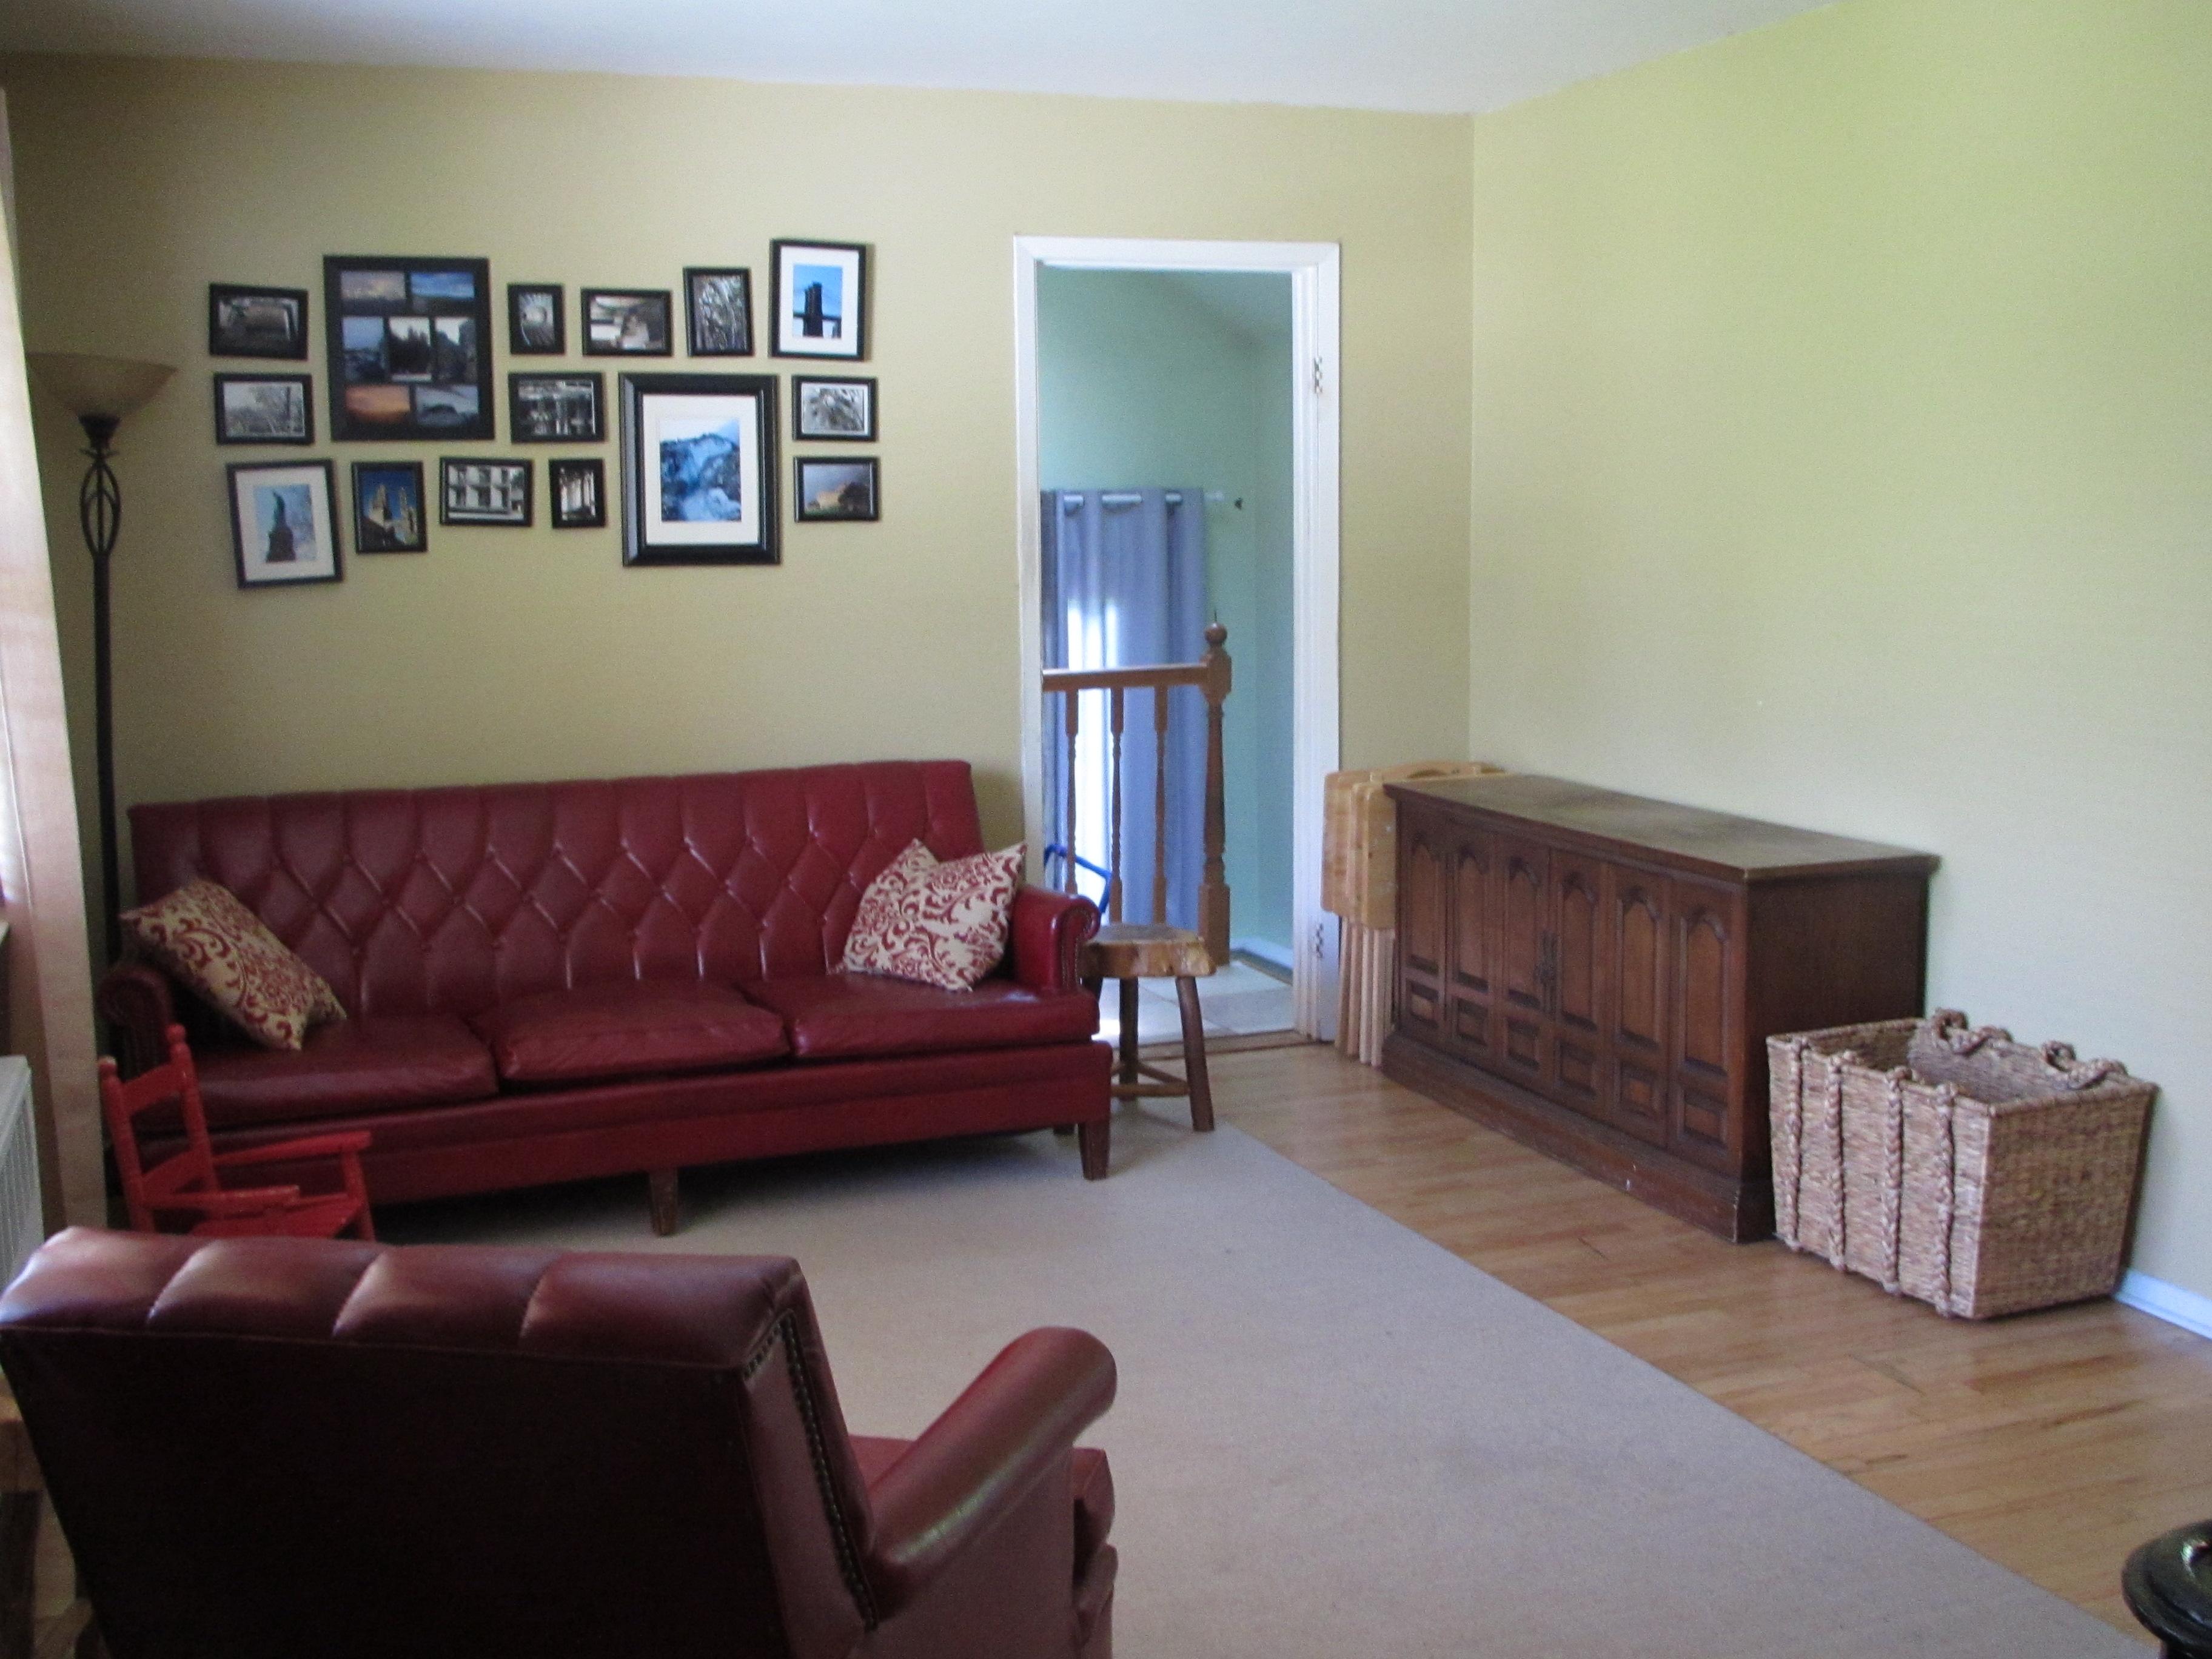 단독 가정 주택 용 매매 에 Cape 167 Broadway Greenlawn, 뉴욕 11740 미국